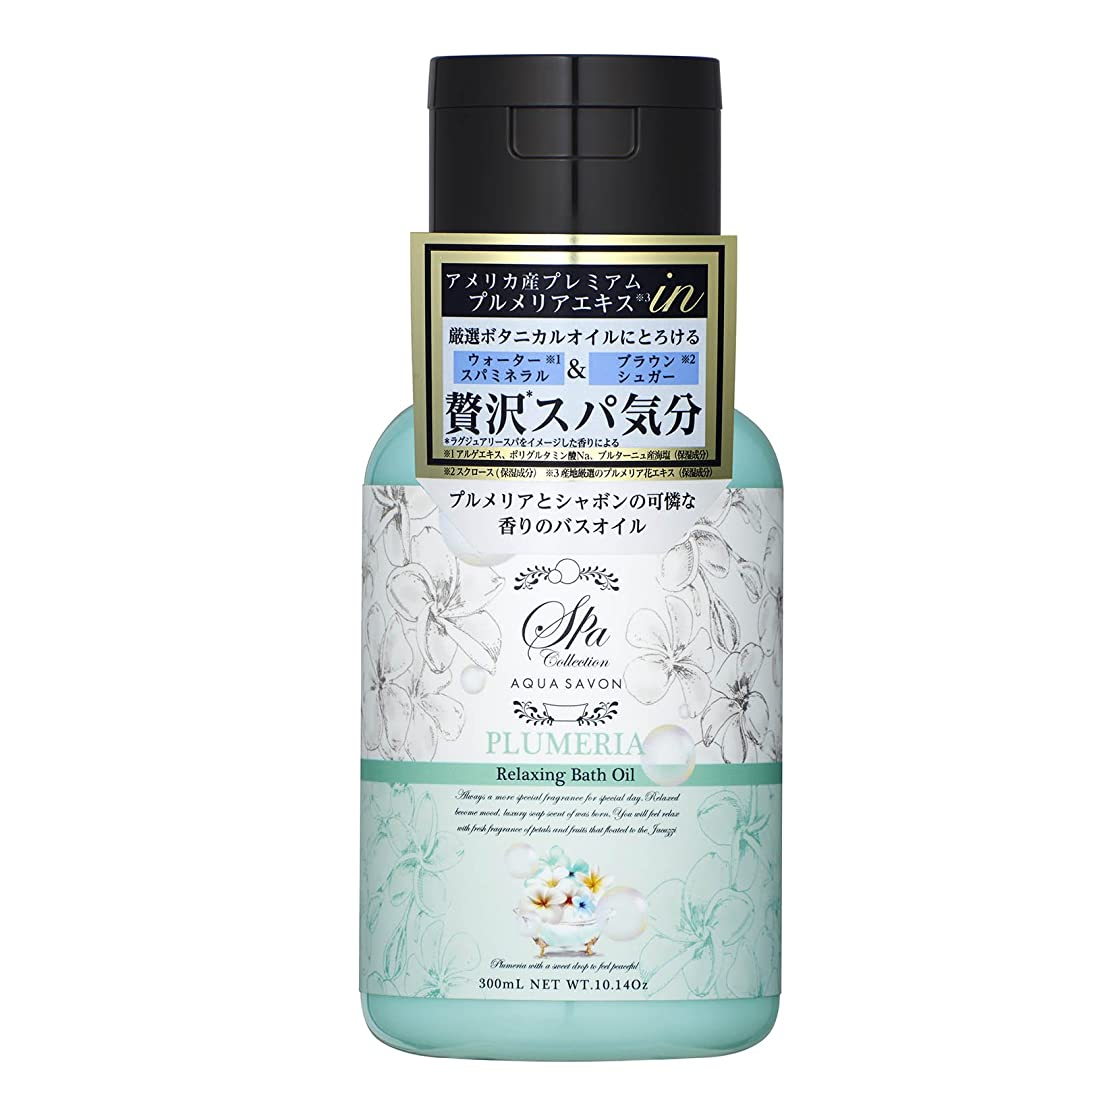 件名弱める頑固なアクアシャボン スパコレクション リラクシングバスオイル プルメリアスパの香り 300mL